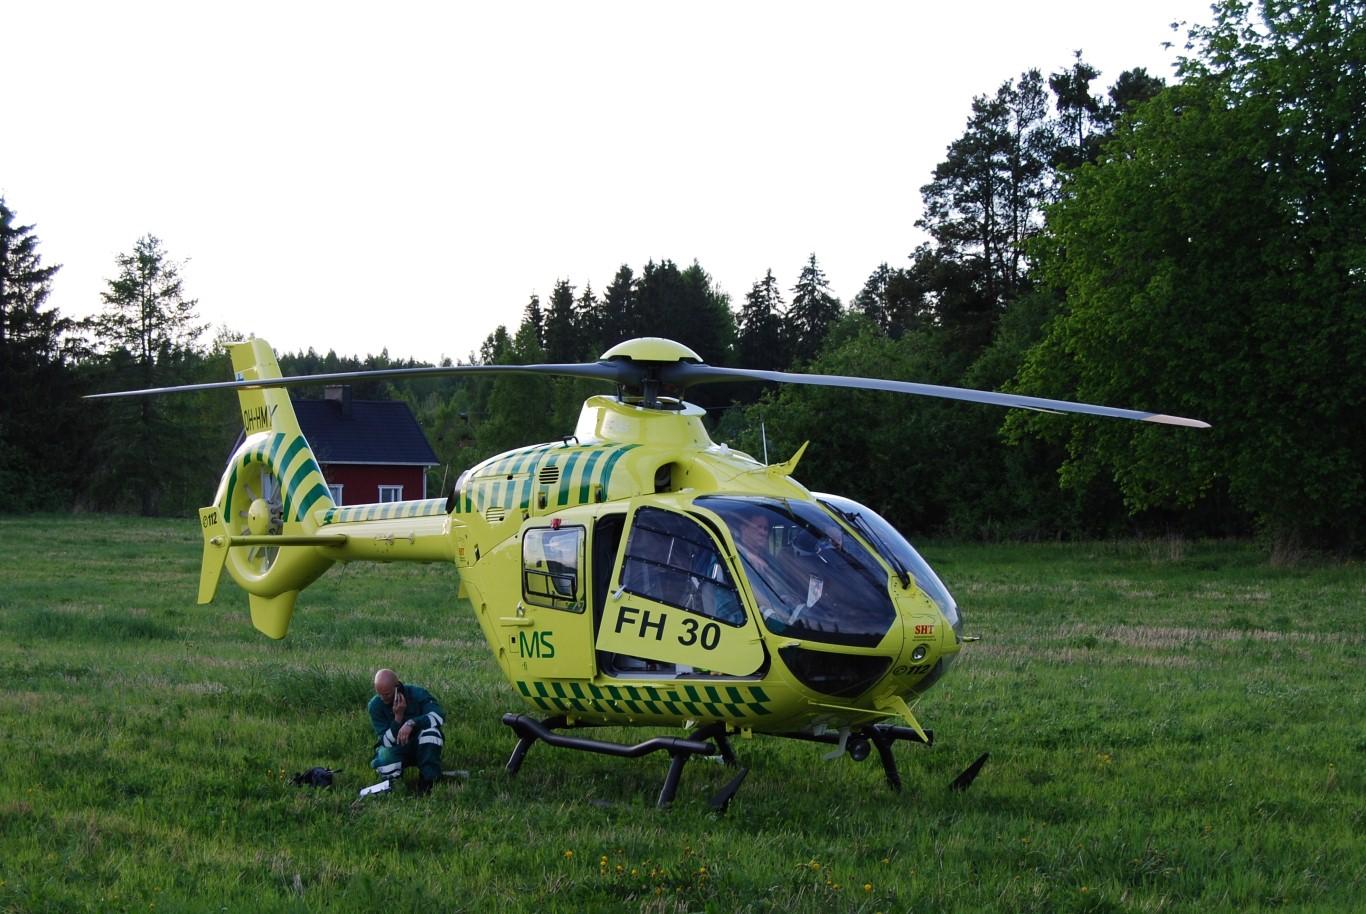 Lääkärihelikopteri Mouhijärven onnettomuuspaikan tuntumassa